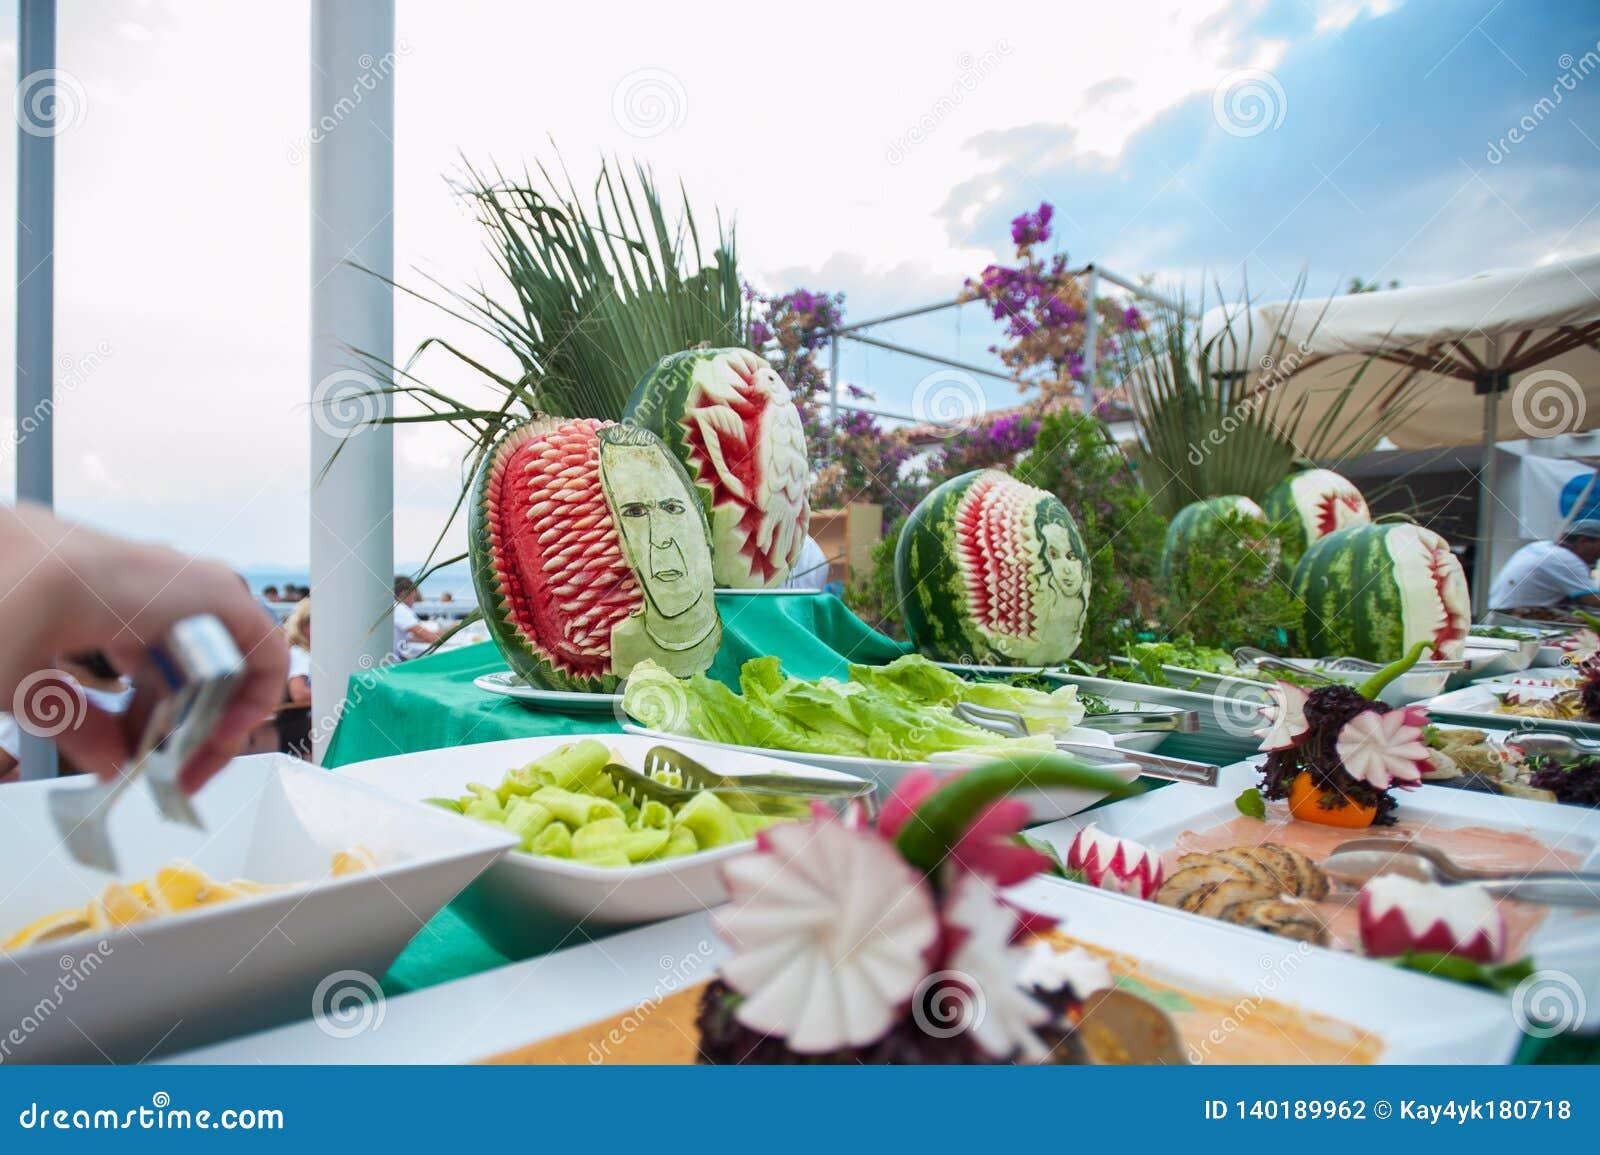 Tabla abierta de la fruta y verdura Tabla al aire libre para los visitantes